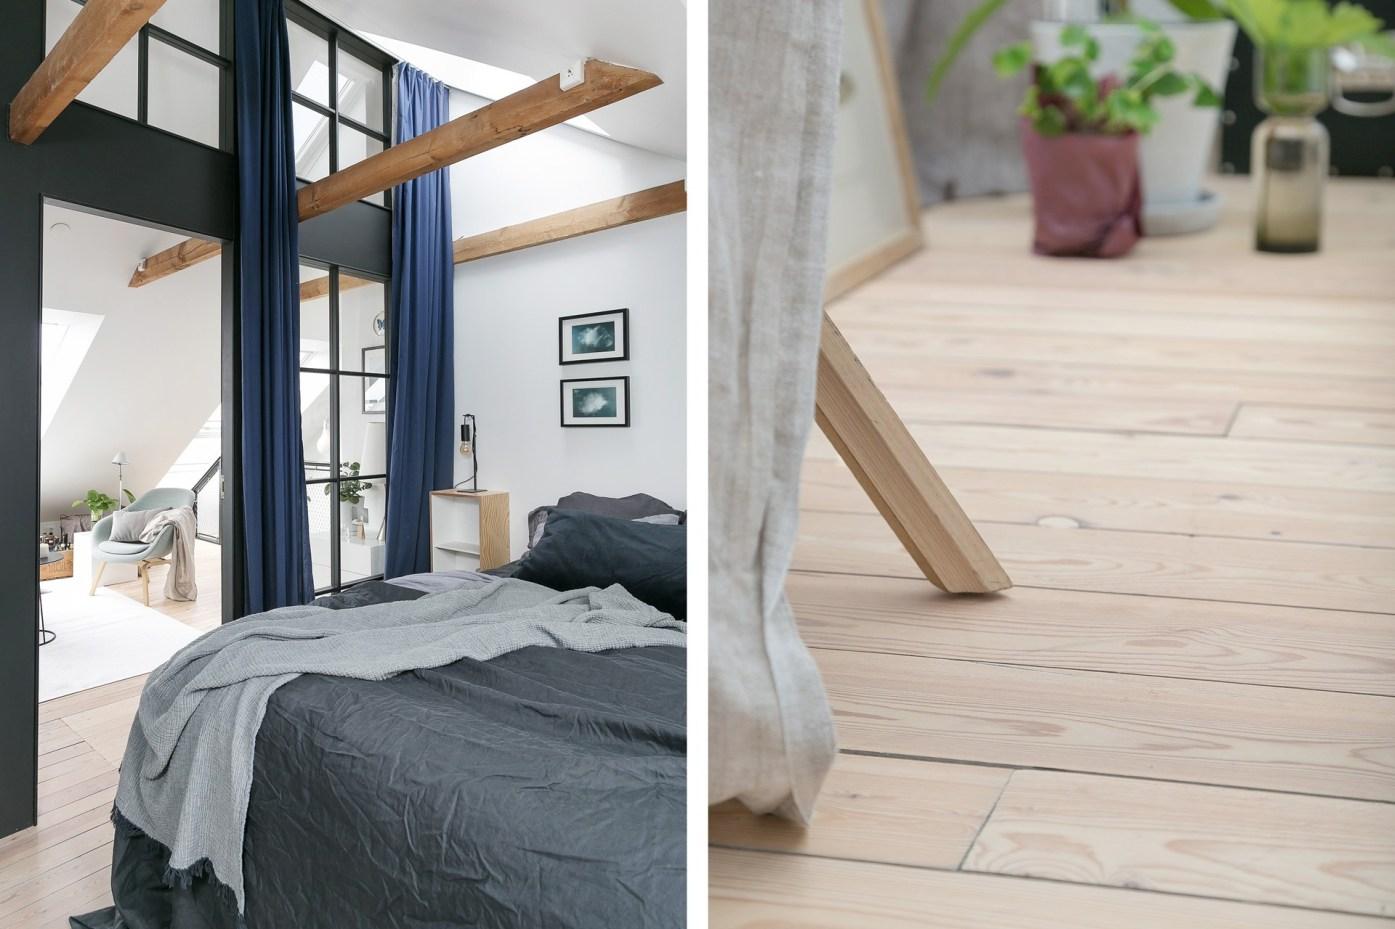 деревянный пол потолок балки